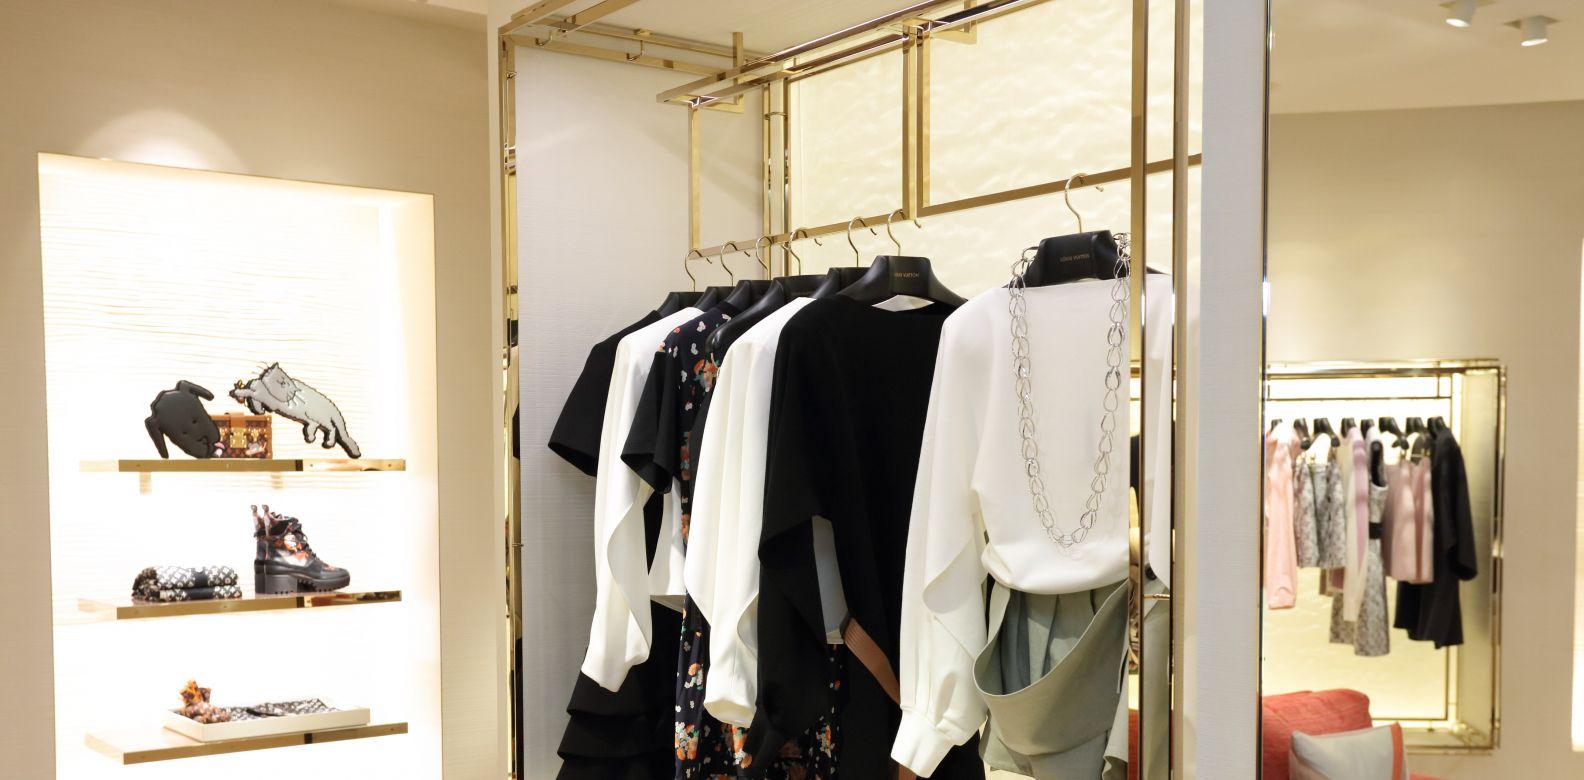 LV 早春系列呈現摩登時尚的前衛風格。